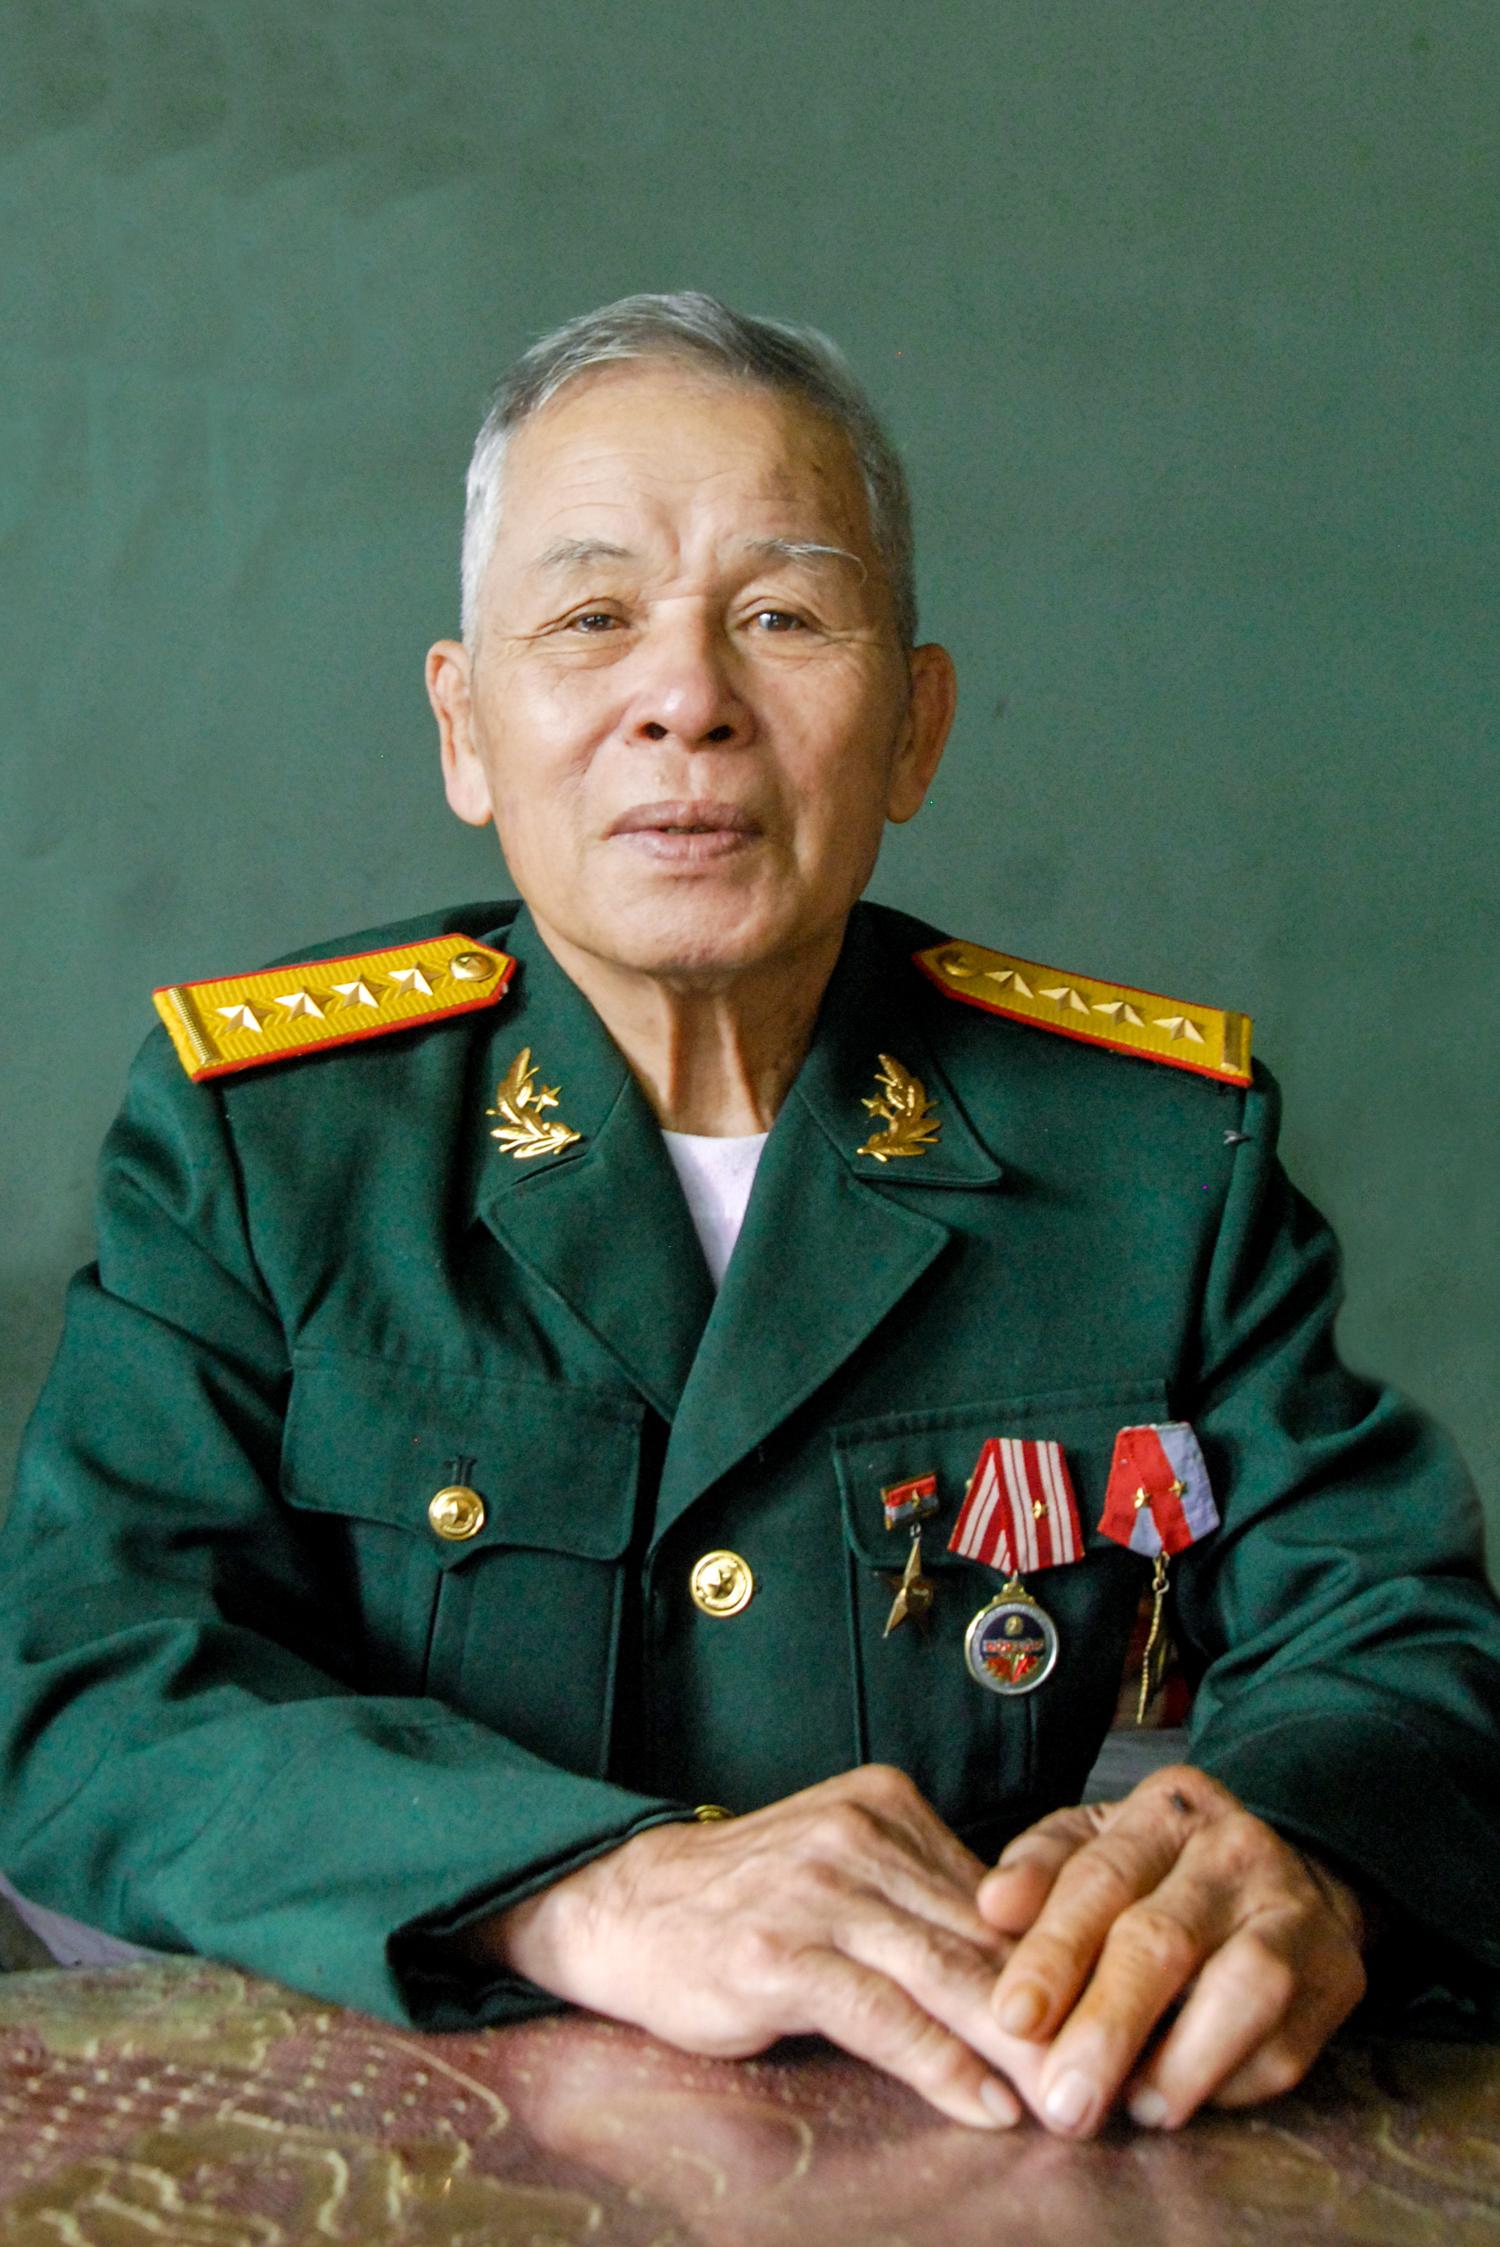 Anh hùng LLVT Nhân dân Trương Văn Hòa. Ảnh: HỒ QUÂN